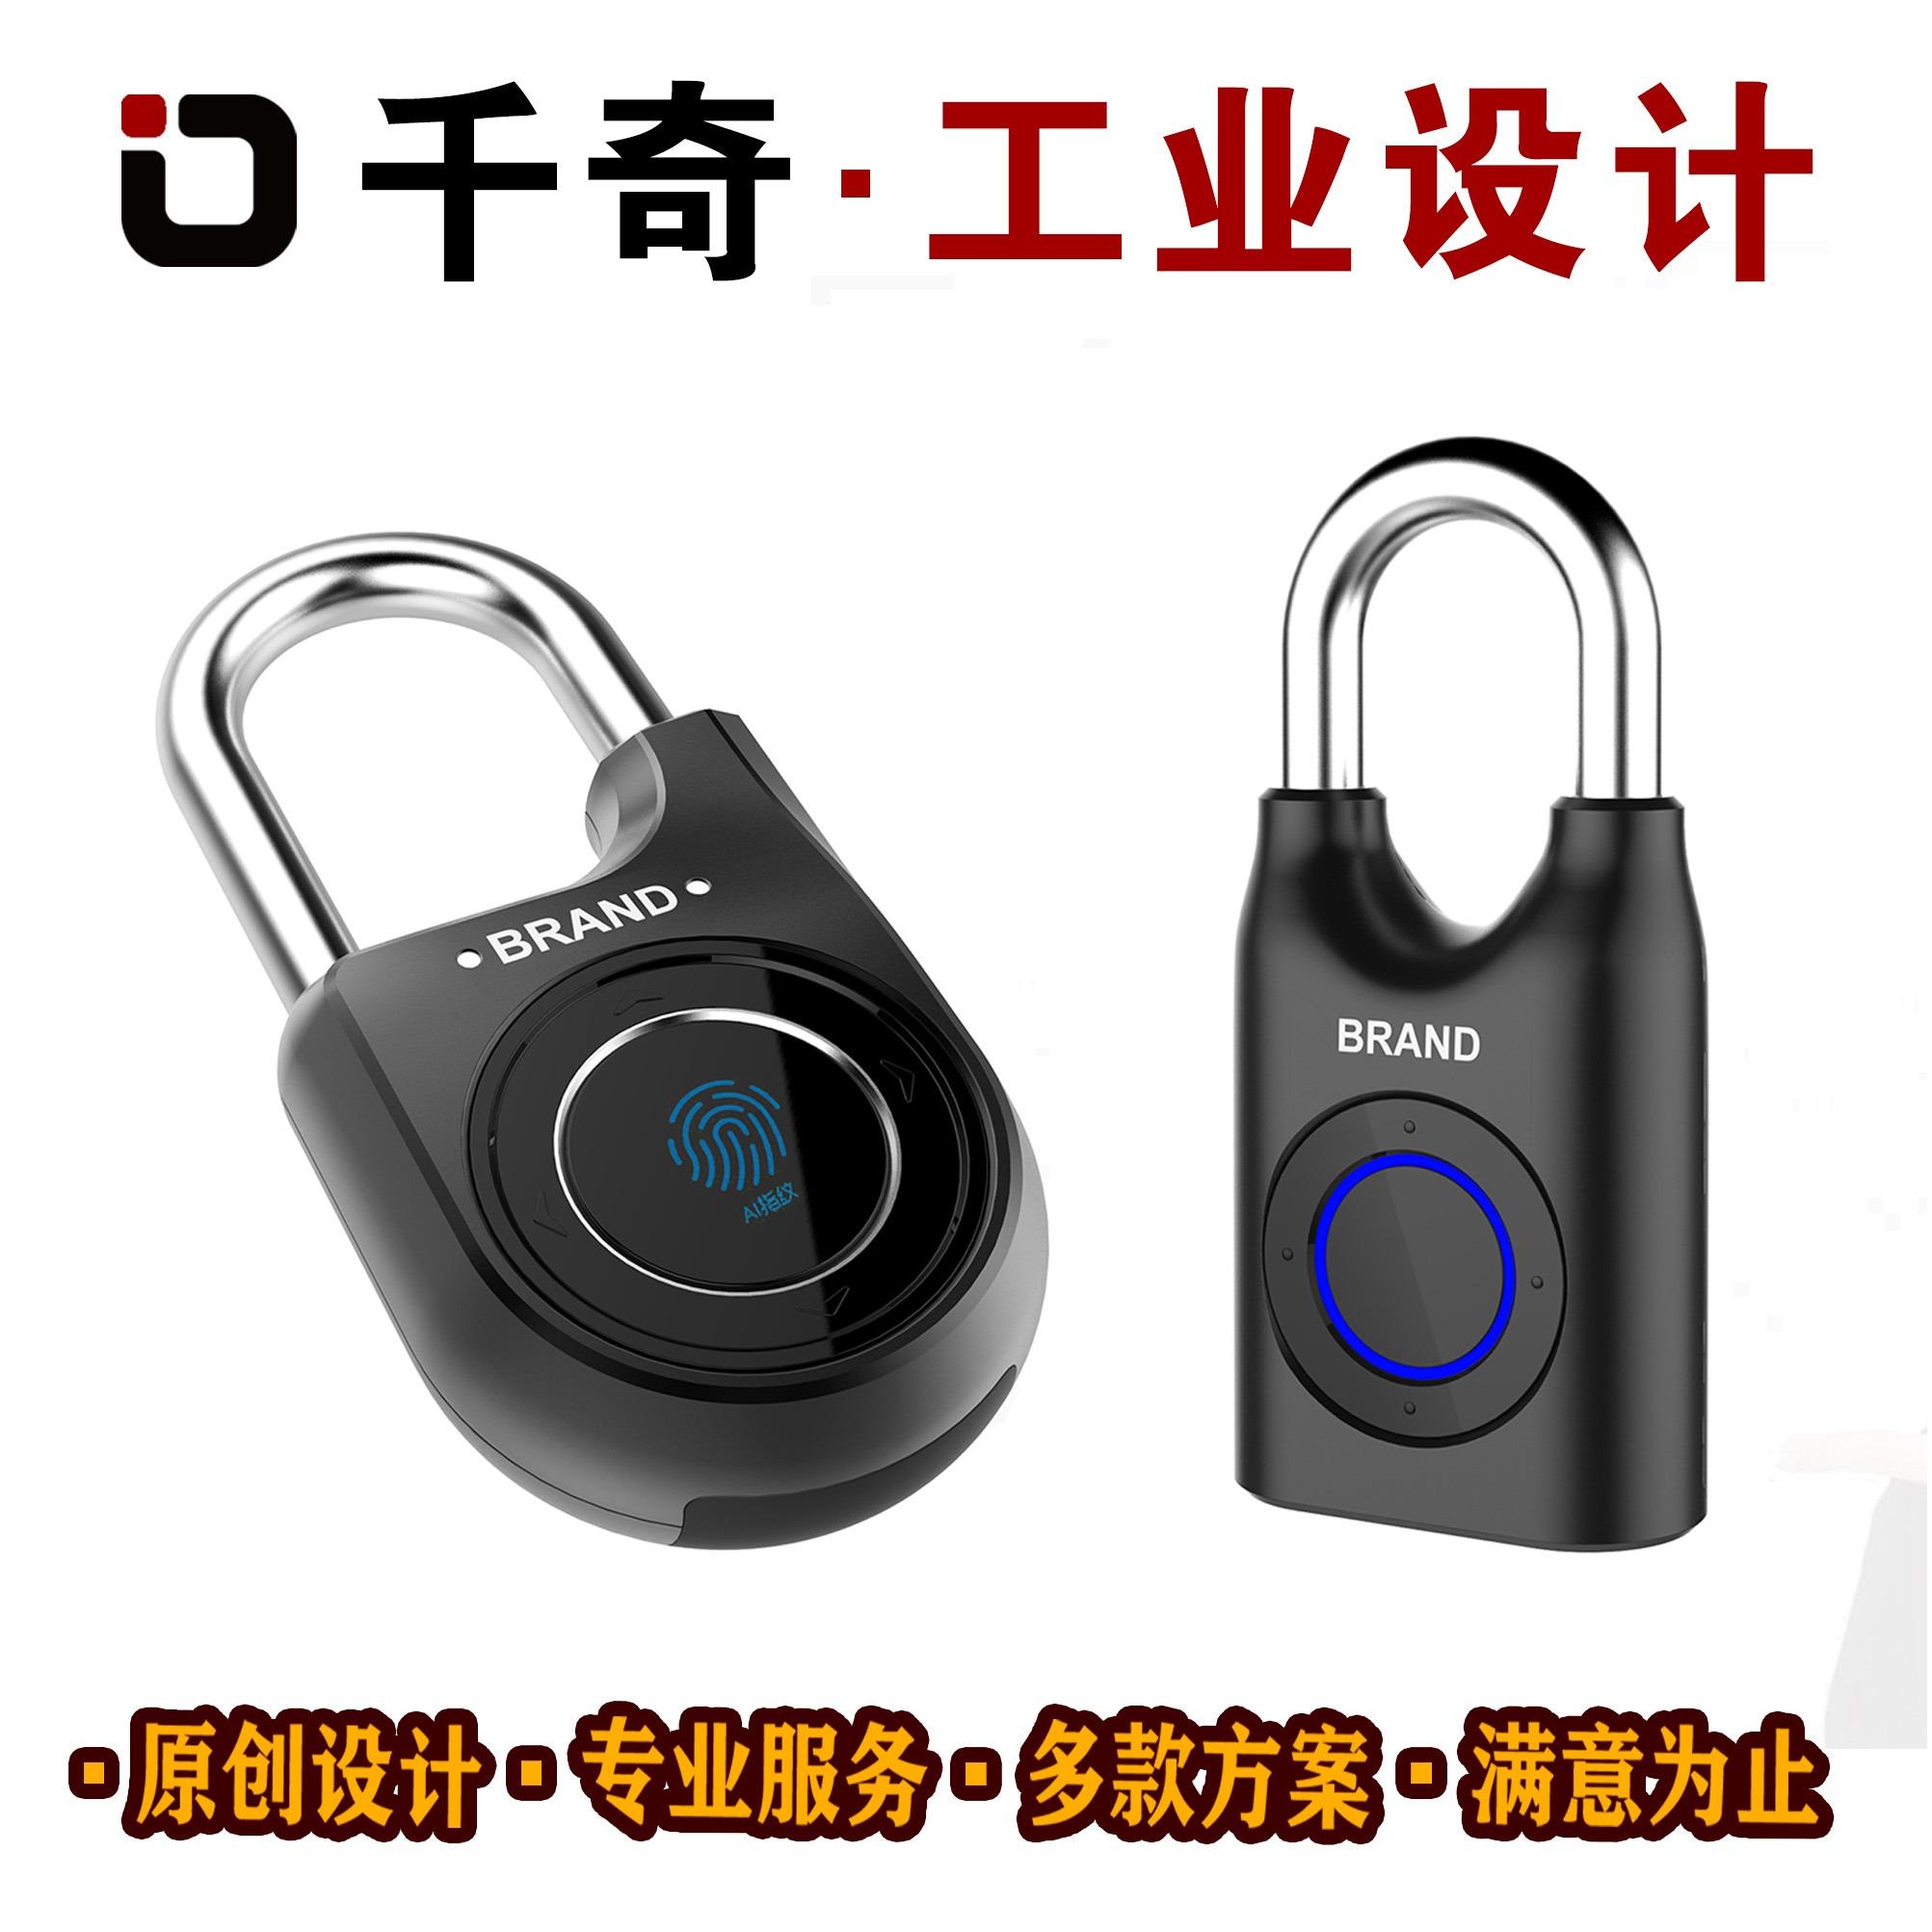 【千奇设计】智能锁产品设计指纹锁产品外观设计外形设计外观结构